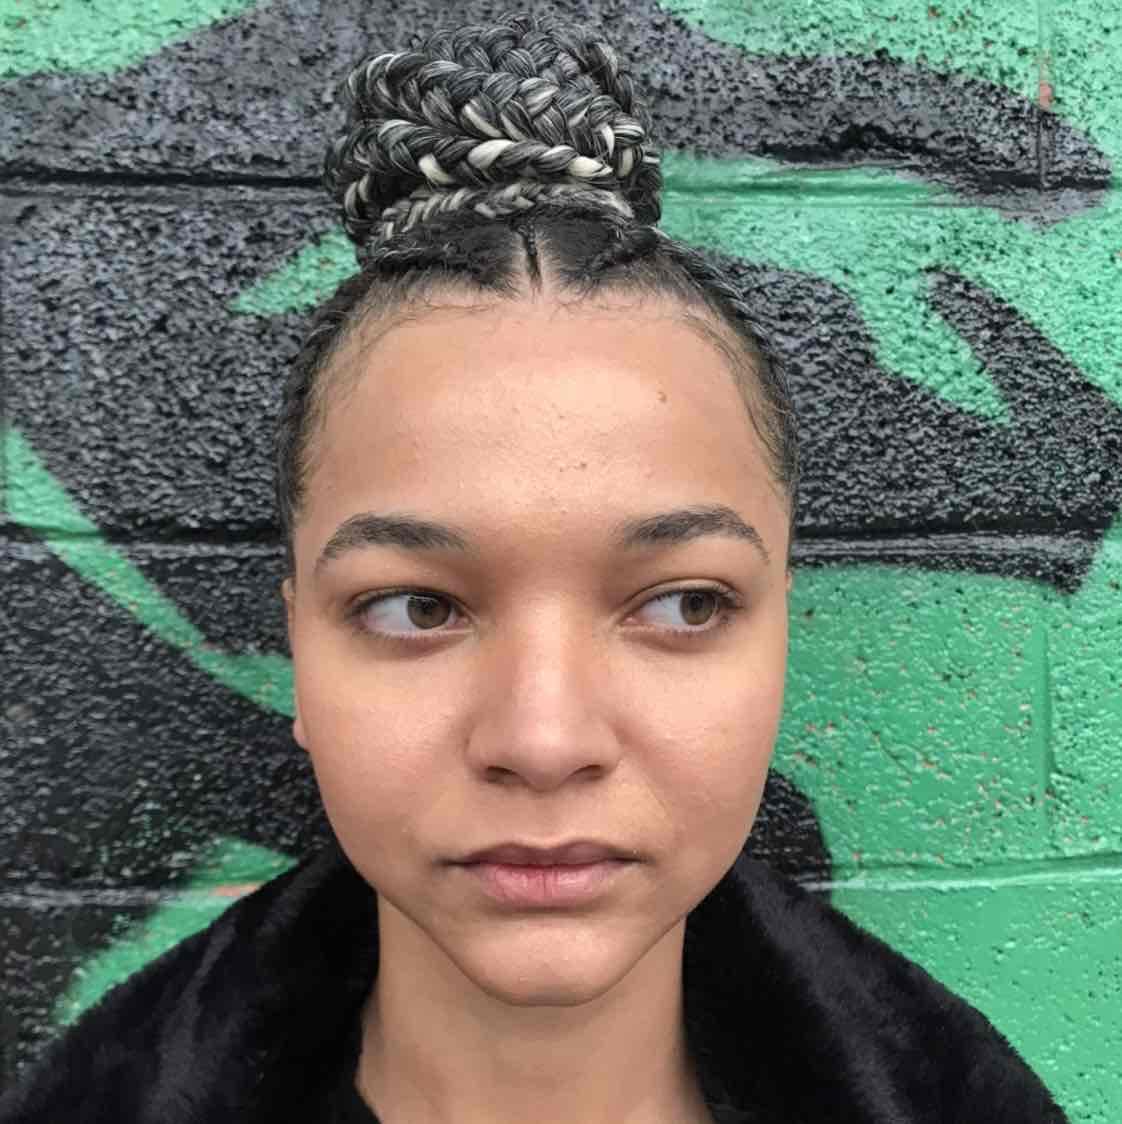 salon de coiffure afro tresse tresses box braids crochet braids vanilles tissages paris 75 77 78 91 92 93 94 95 FRFQTXXZ